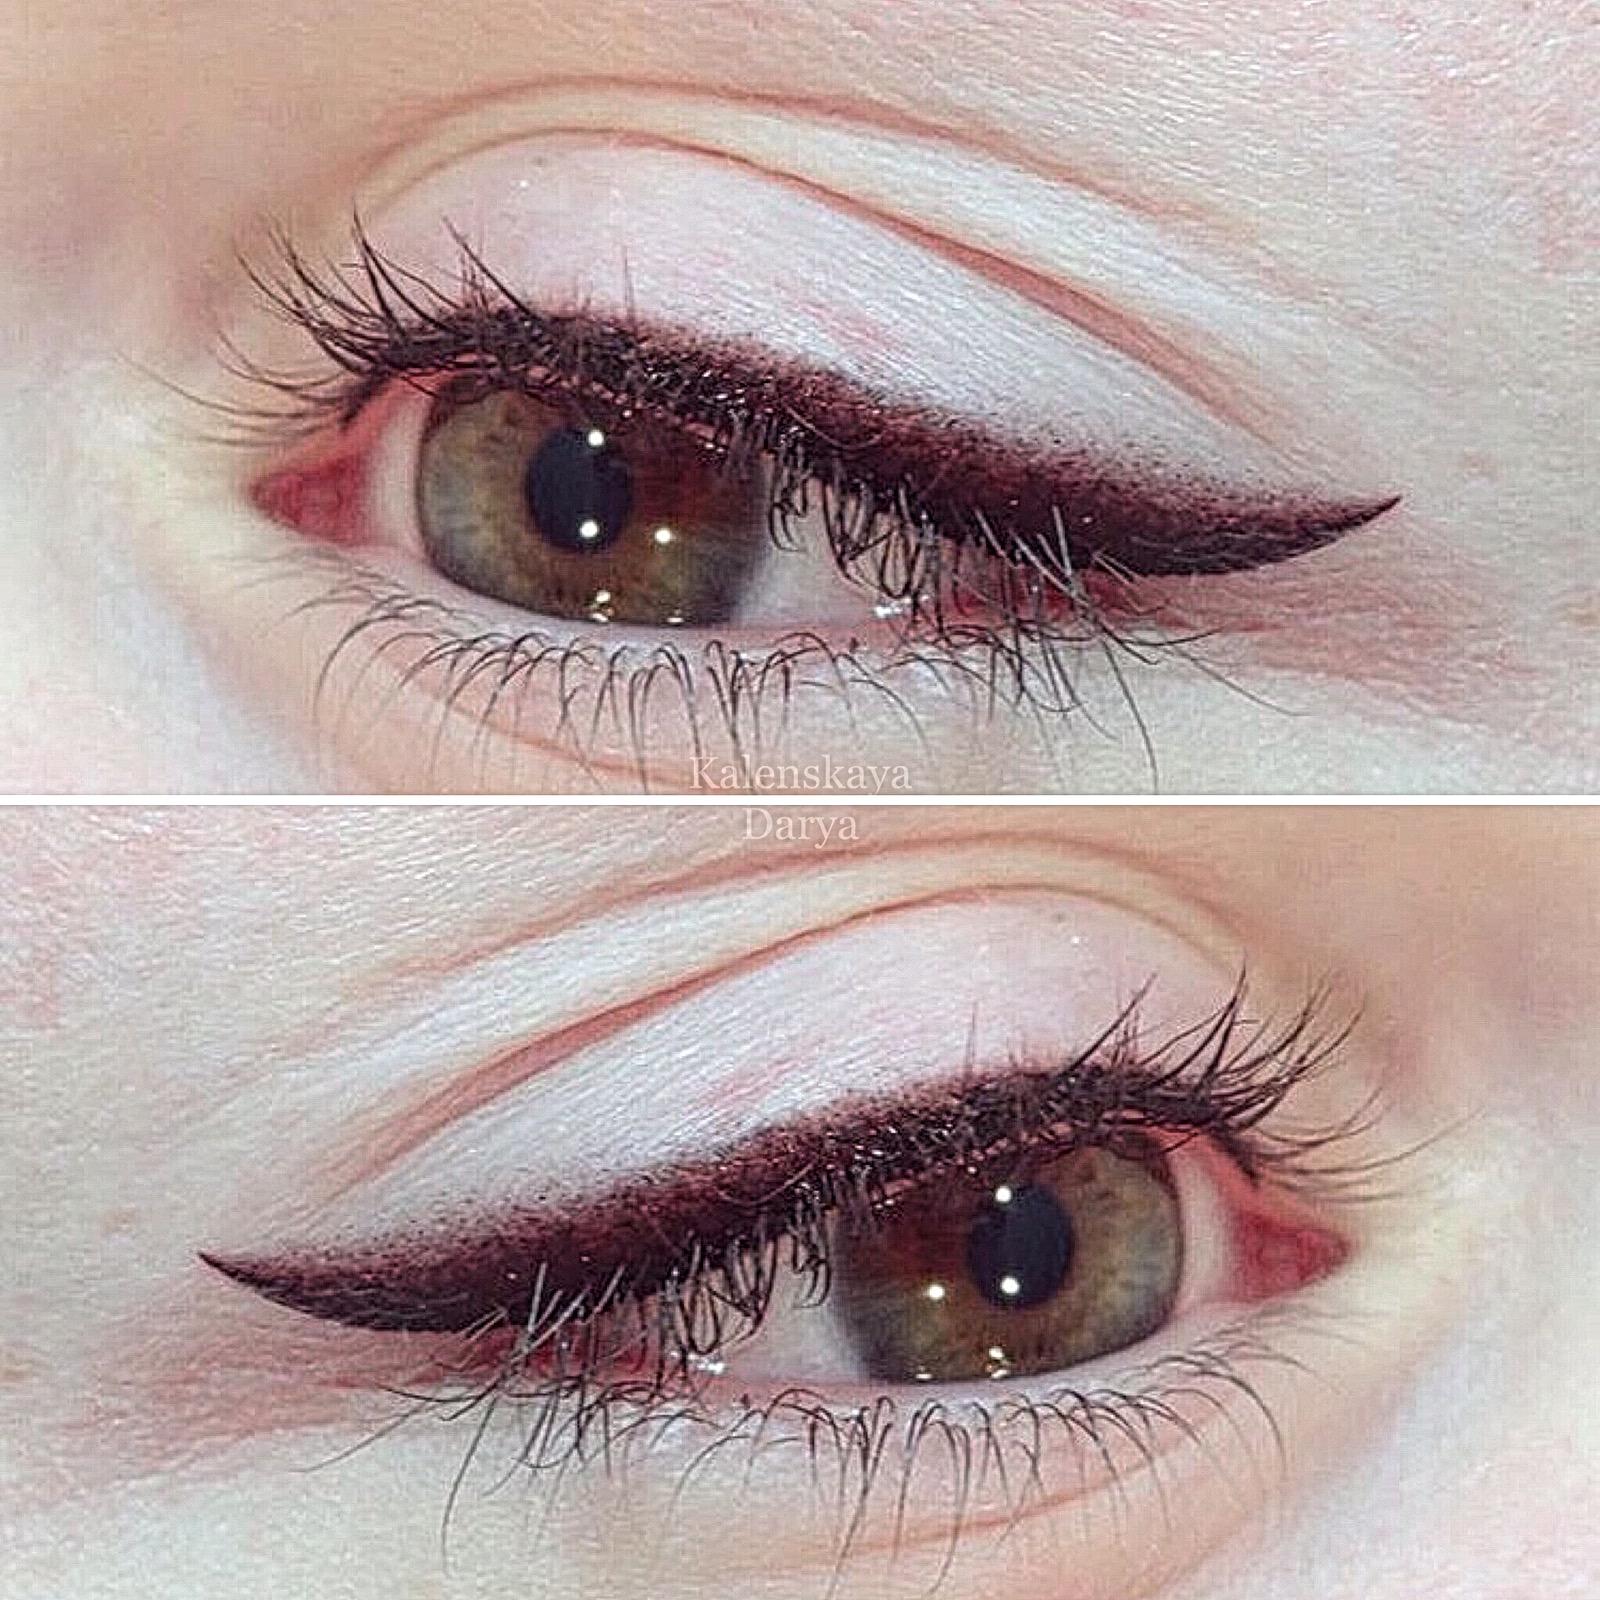 Татуаж глаз (перманентный макияж): стрелки или растушевка, фото до и после + вопросы и отзывы